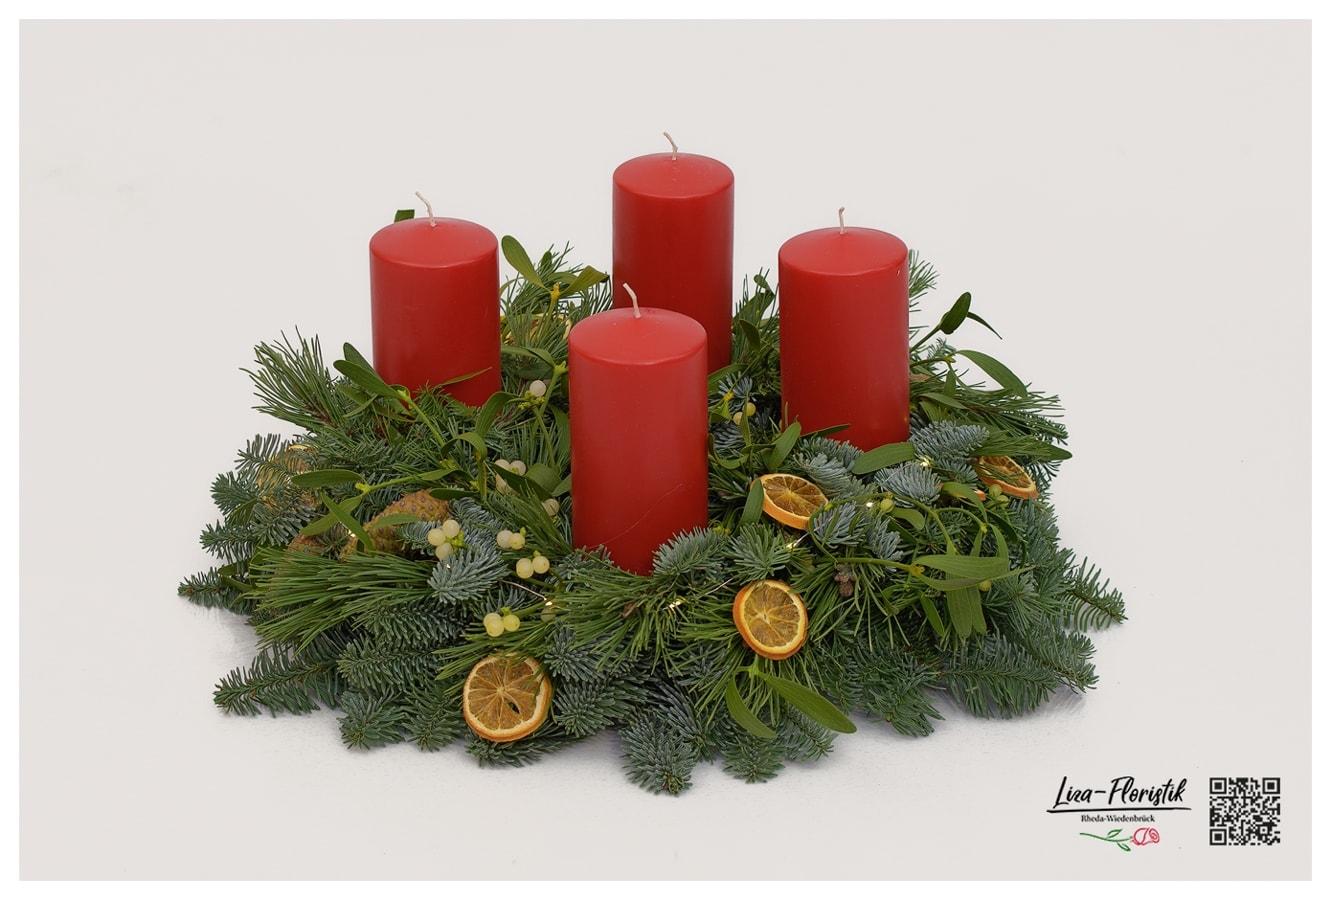 Advent - Adventskranz mit roten Kerzen, Nordmannstanne, Fichte, Misteln, getrockneten Orangenscheiben, Zapfen und LED-Draht